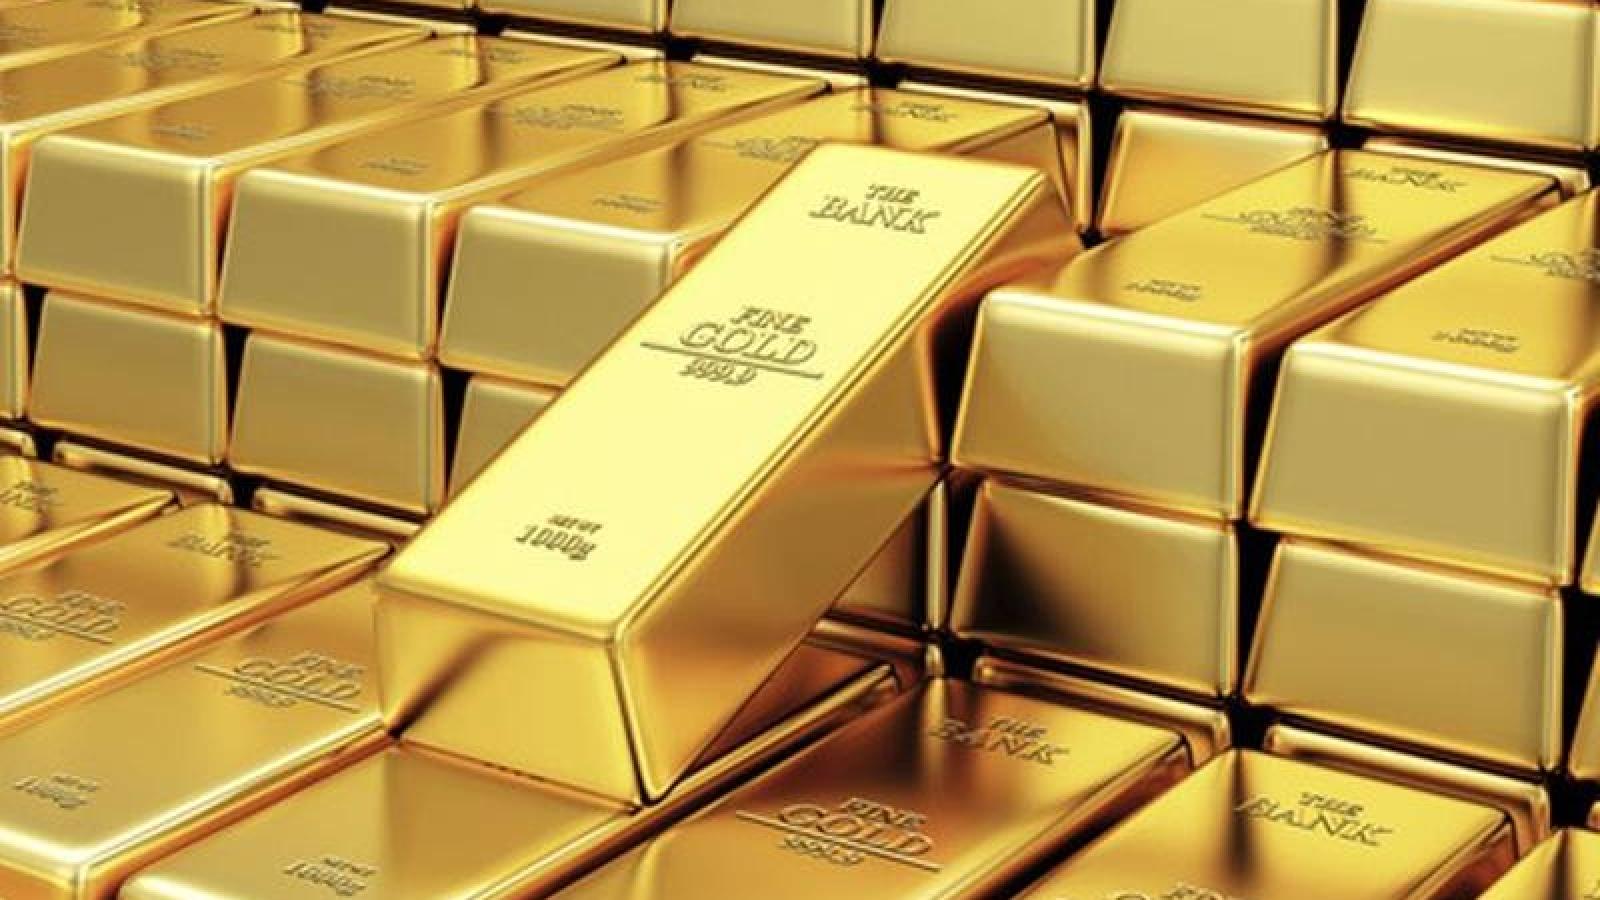 Giá vàng thế giới tăng trở lại vượt qua mốc 1.800 USD/oz